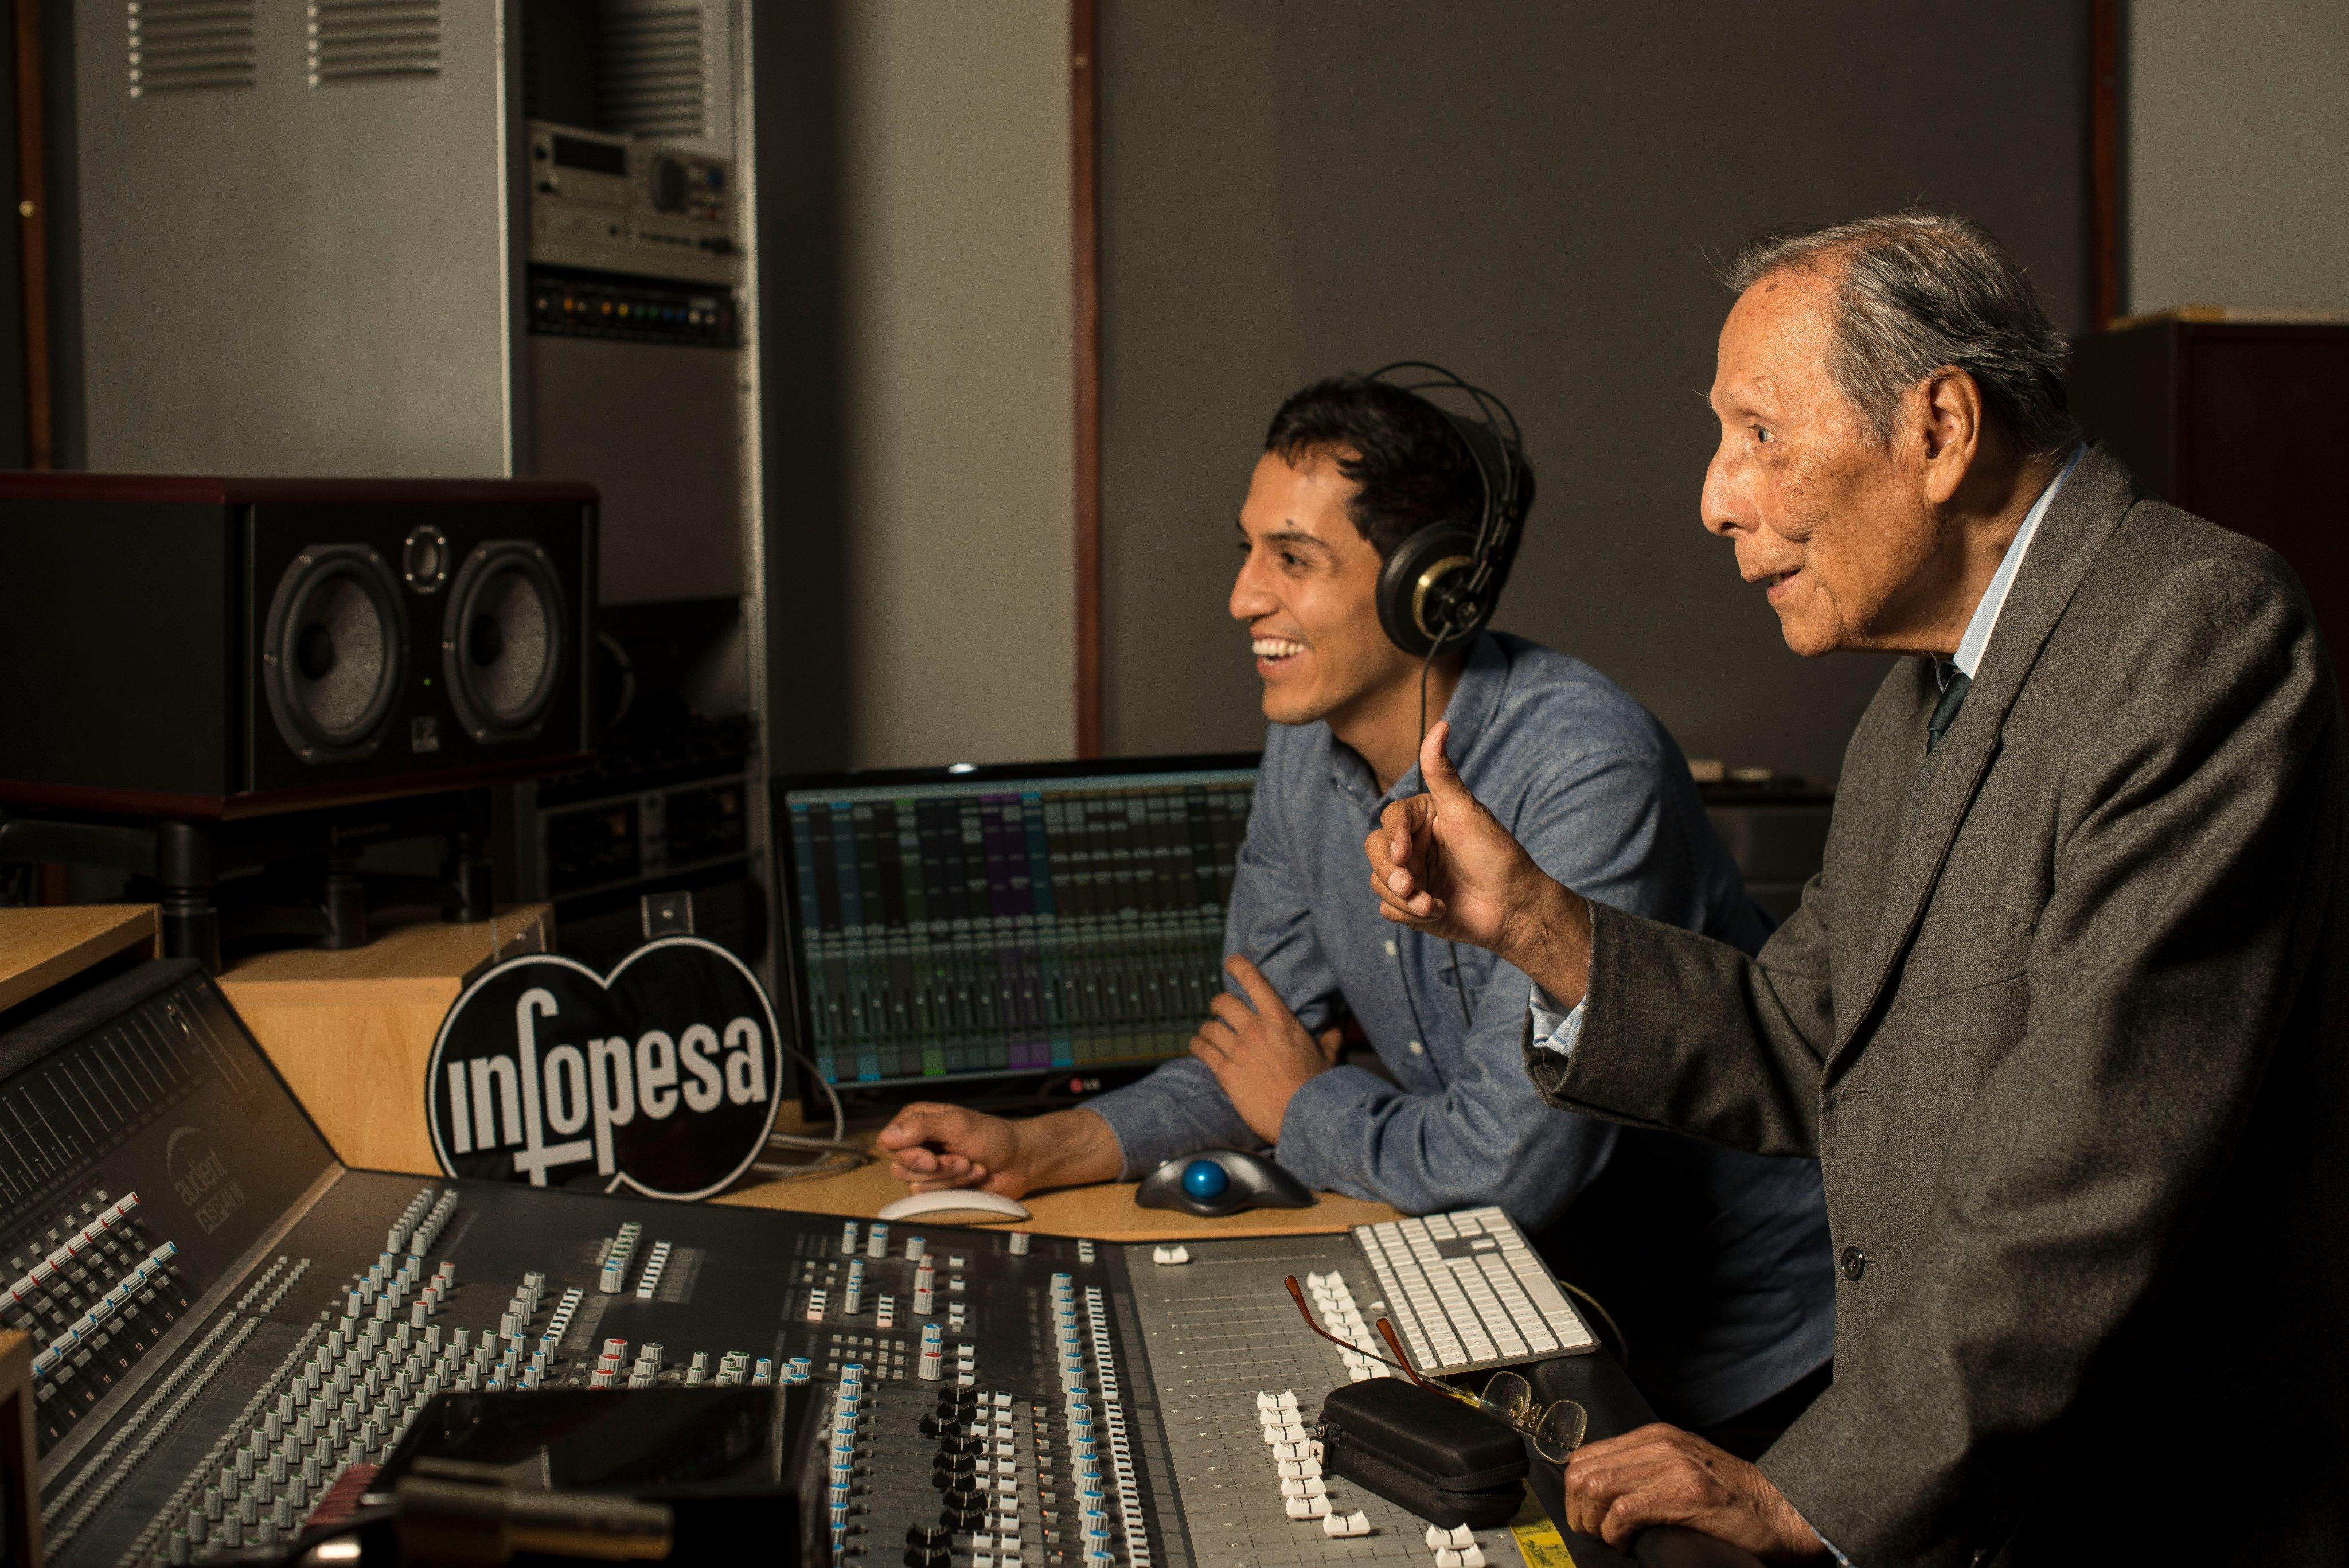 La música de luto: El gran productor, Alberto Maraví, partió a la inmortalidad